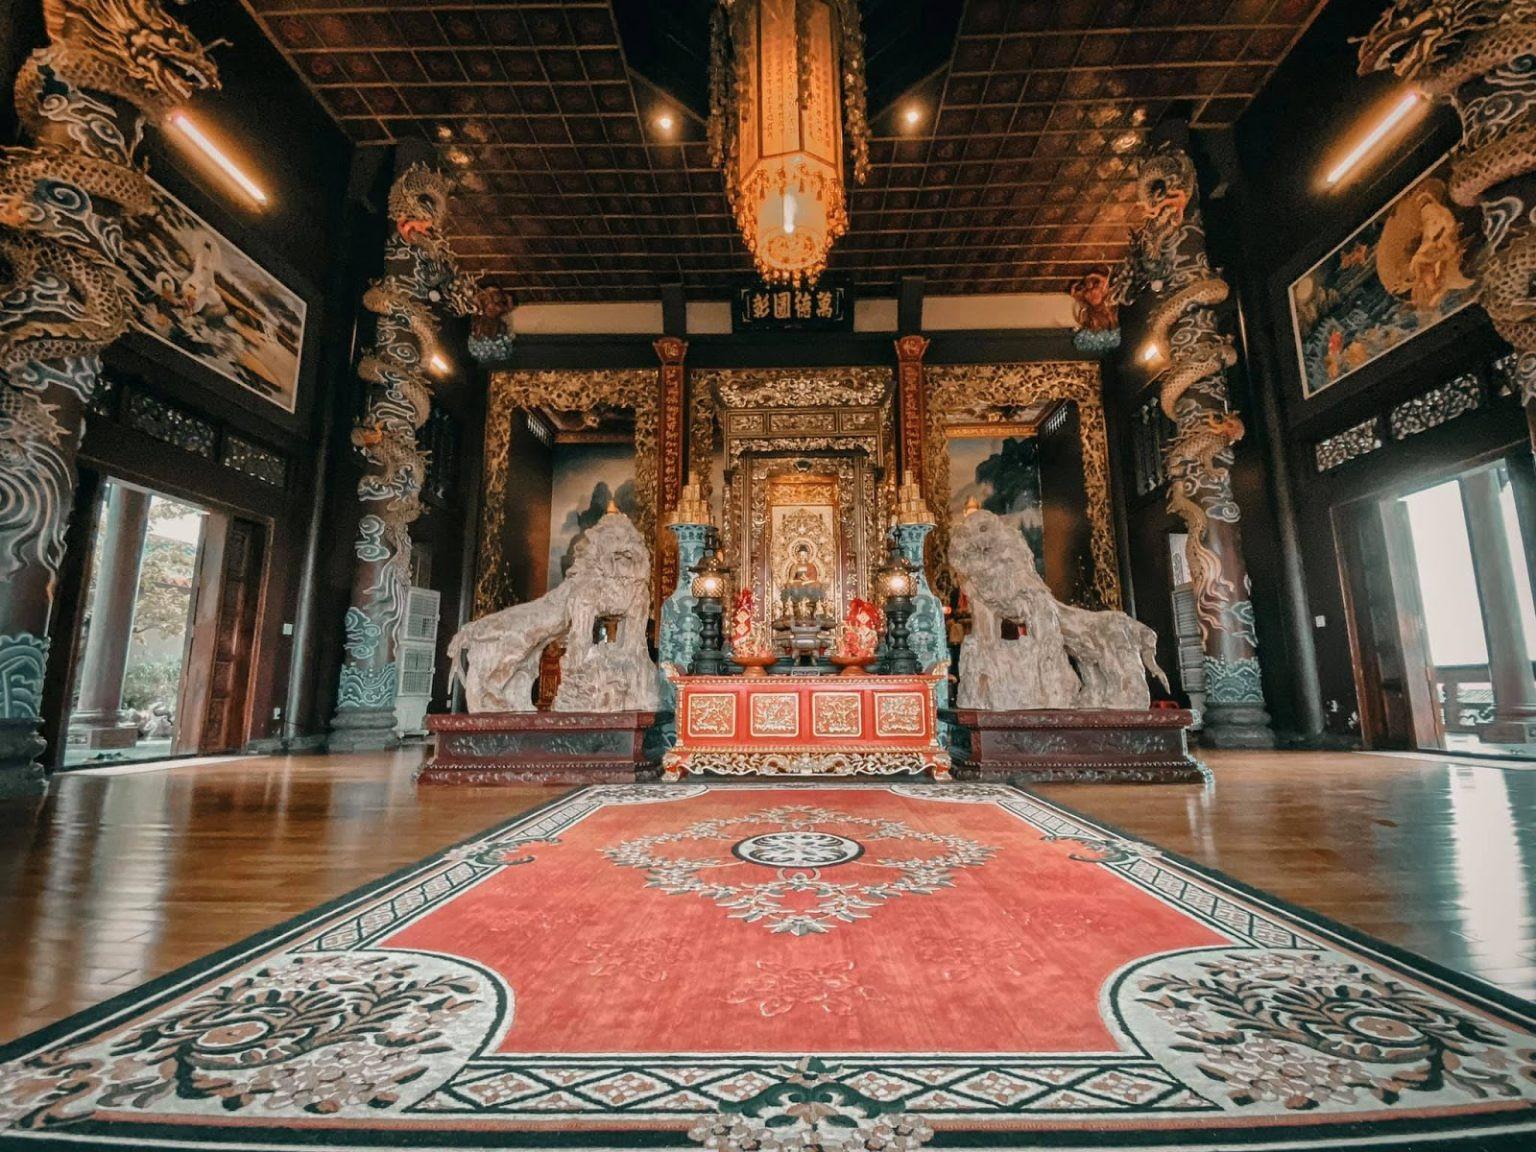 Thiên Hưng Tự: Phượng Hoàng Cổ Trấn giữa lòng Bình Định - 6